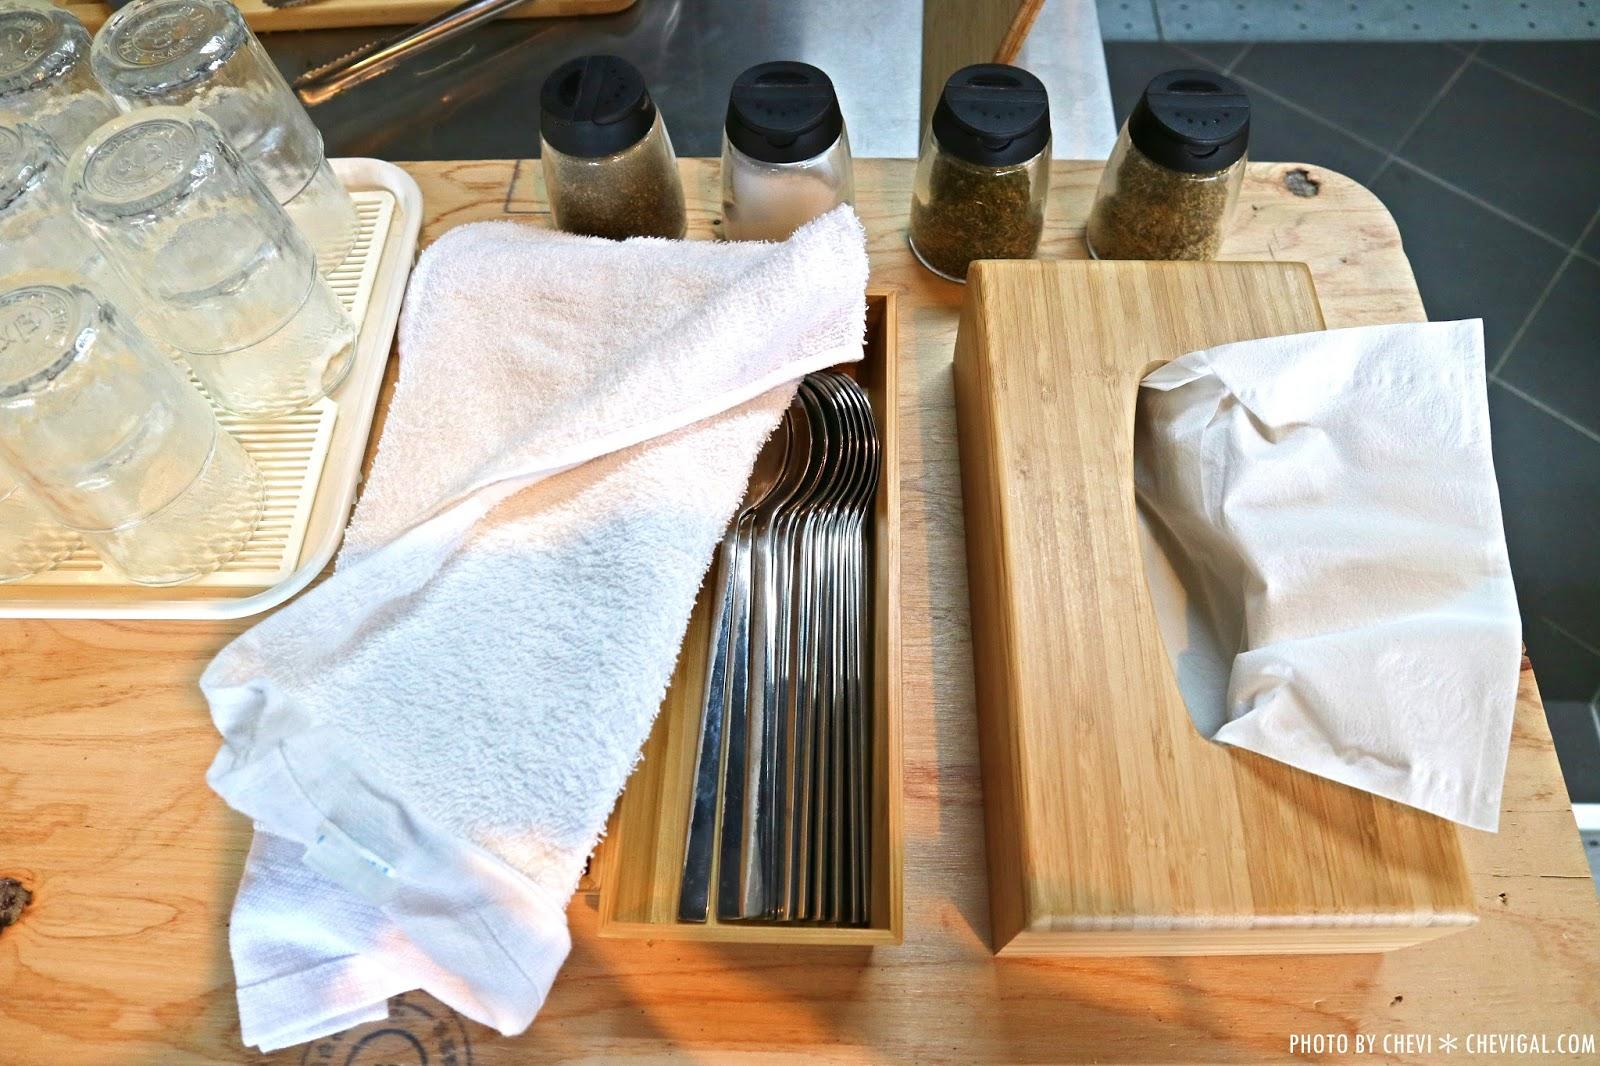 IMG 9632 - 台中北區│糧倉 纖健水煮*隱身在柳川西路的文青小店。清爽水煮料理讓你吃到鮮甜原味